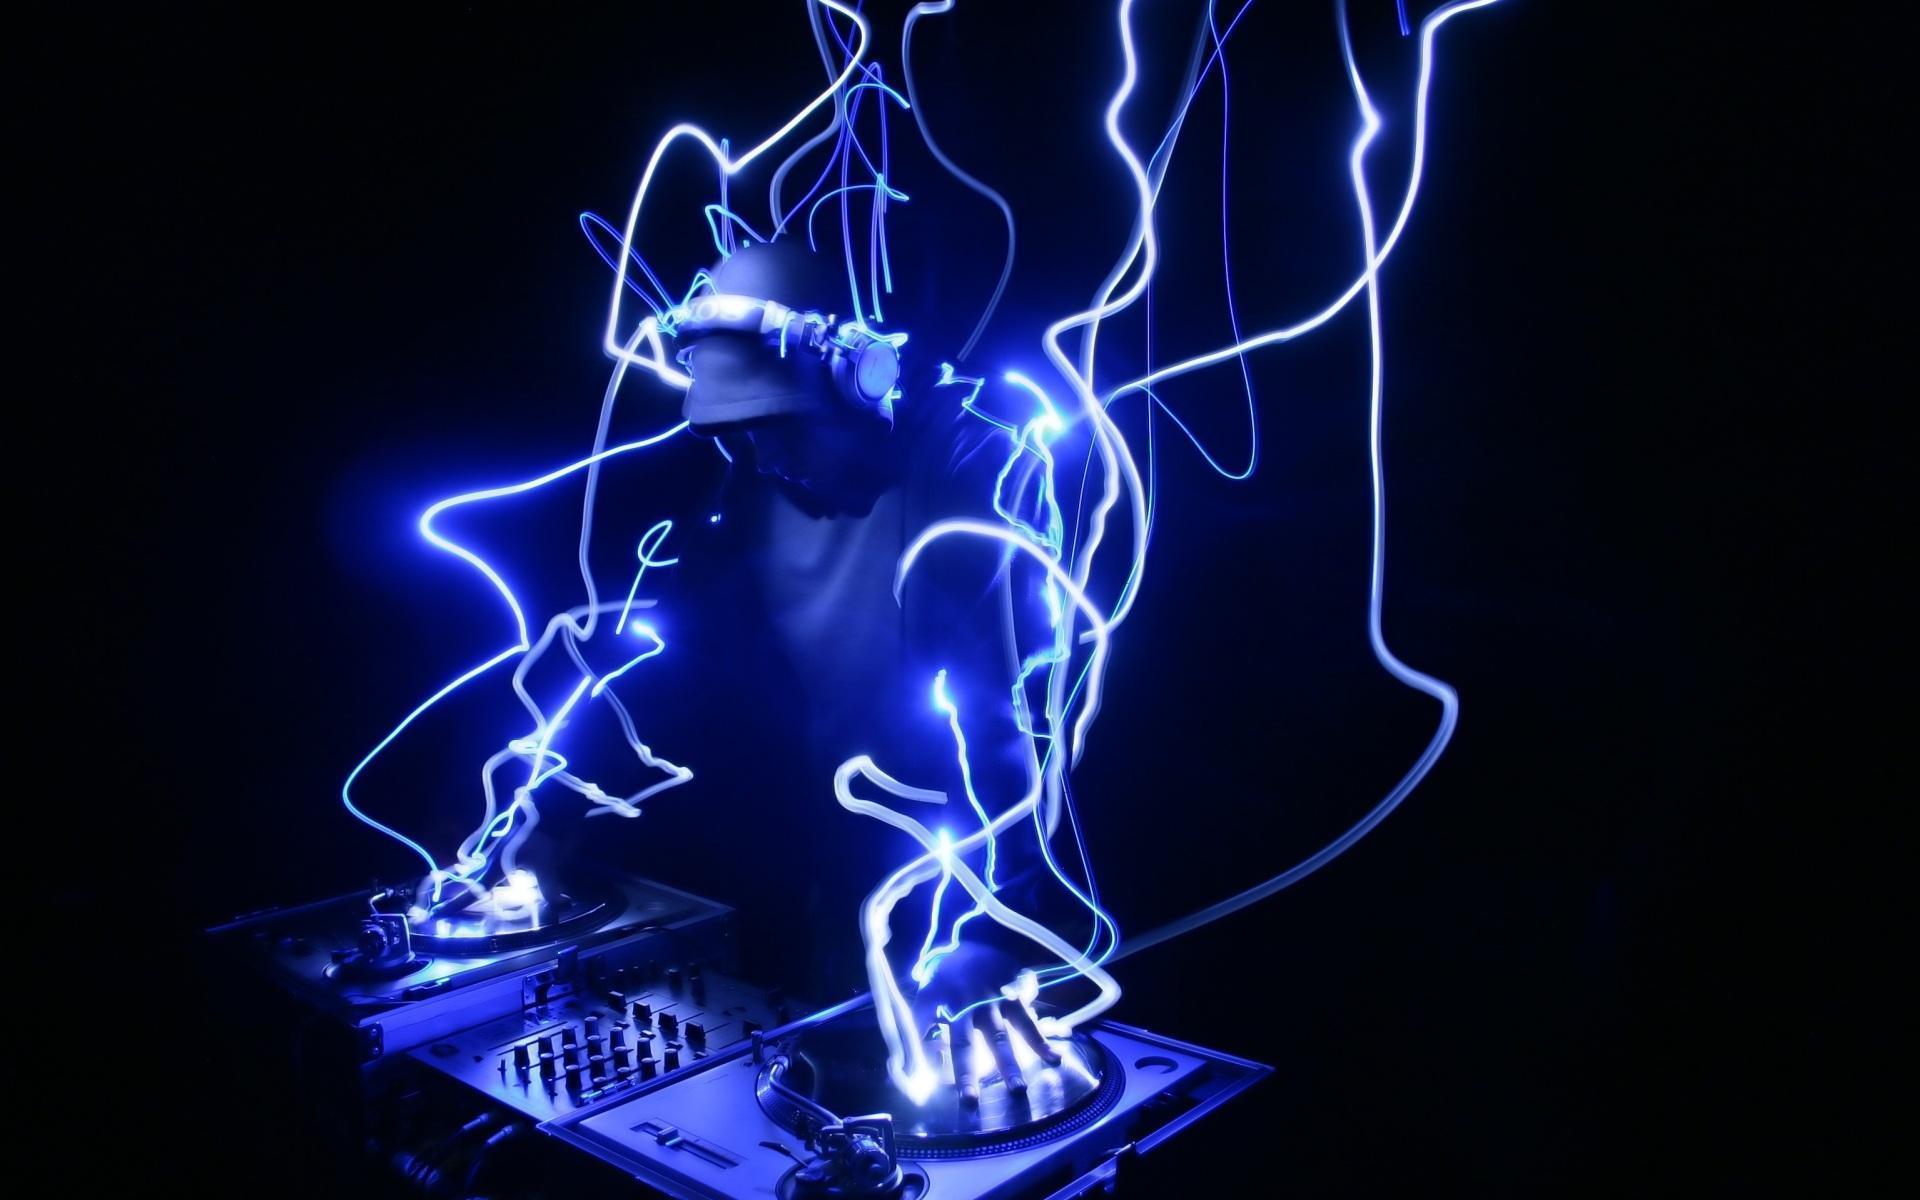 картинки музыка на рабочий стол